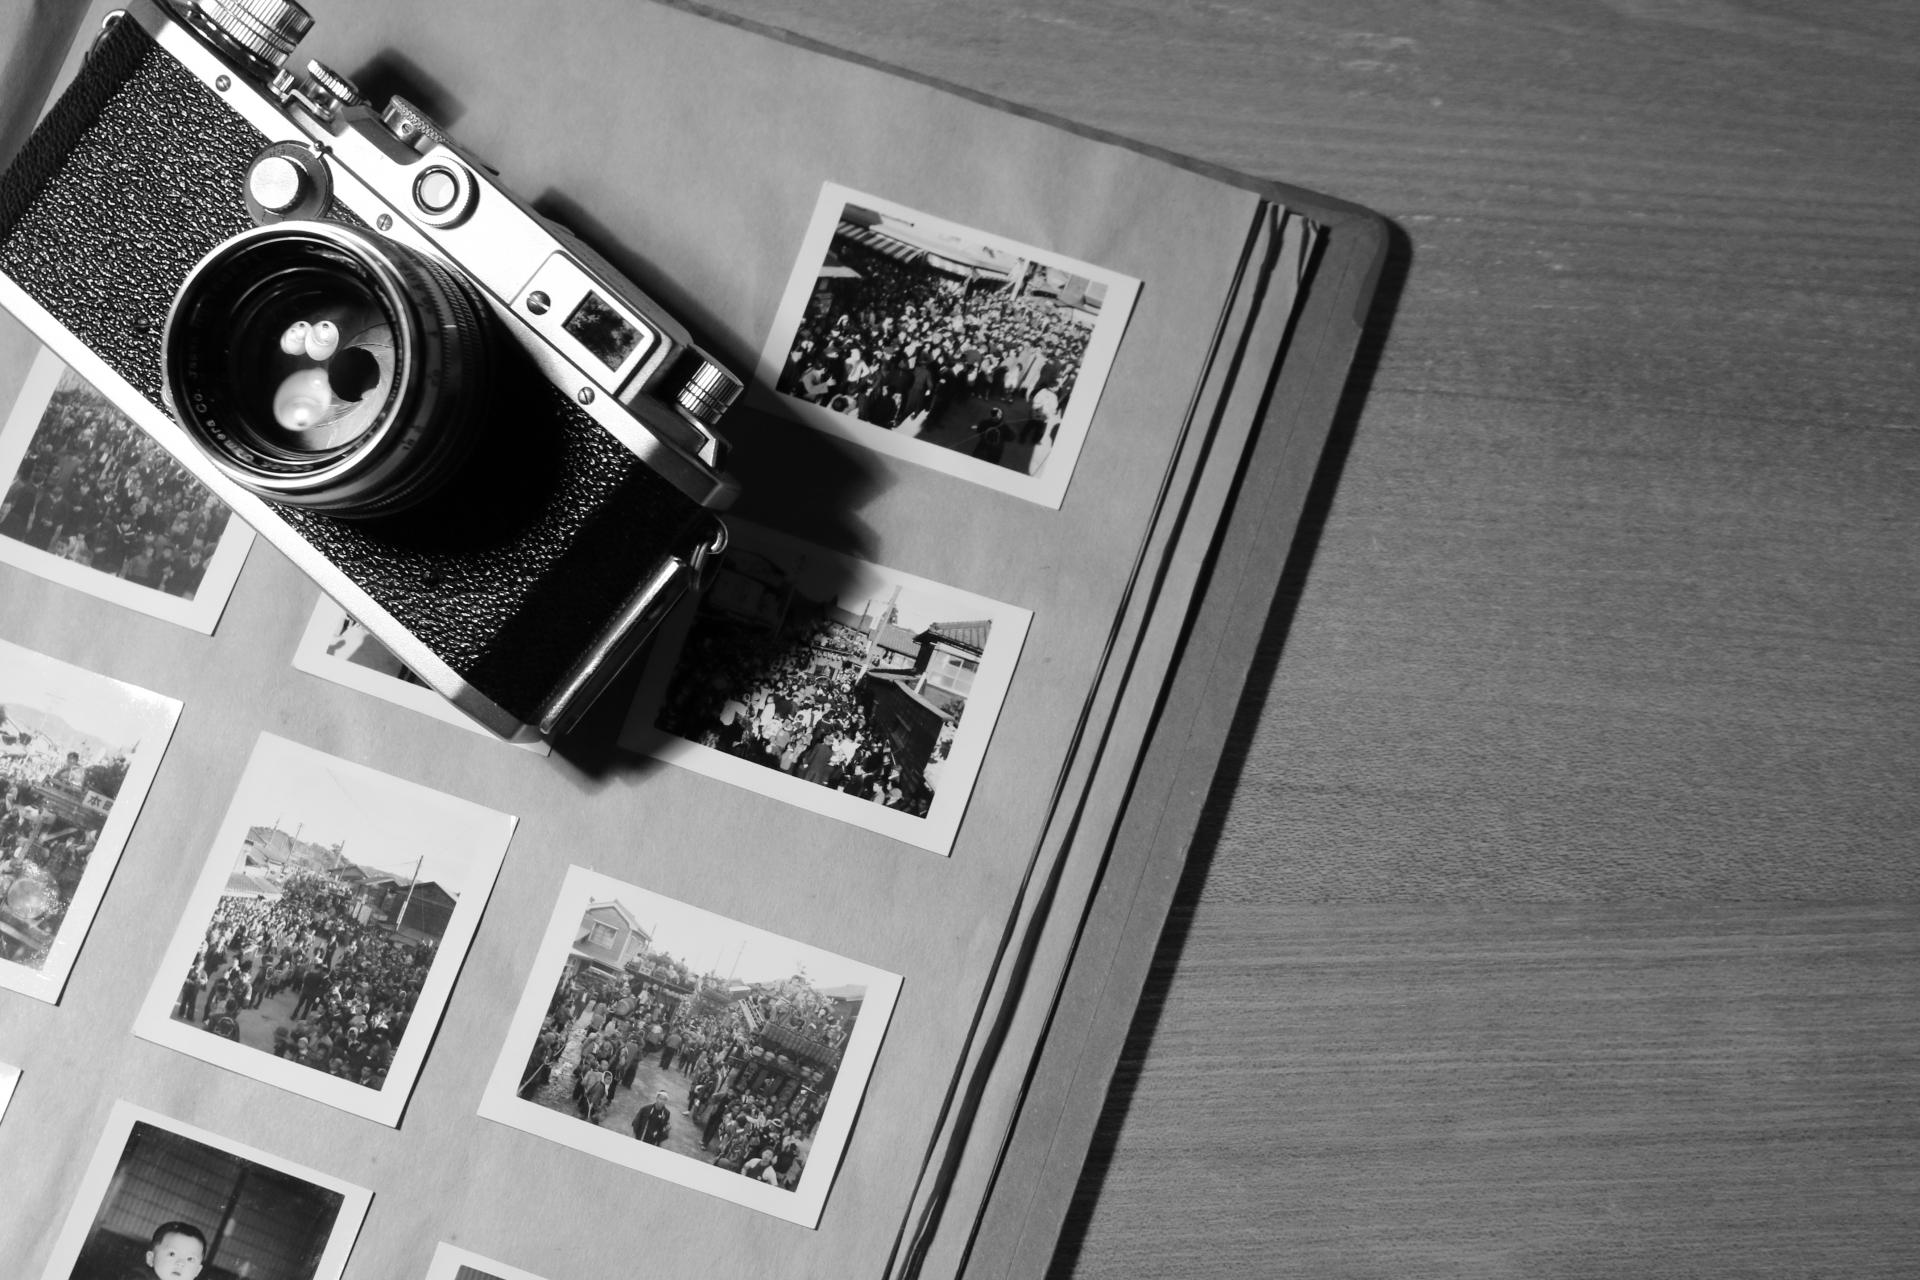 実家の写真・アルバム整理 意外な秘訣